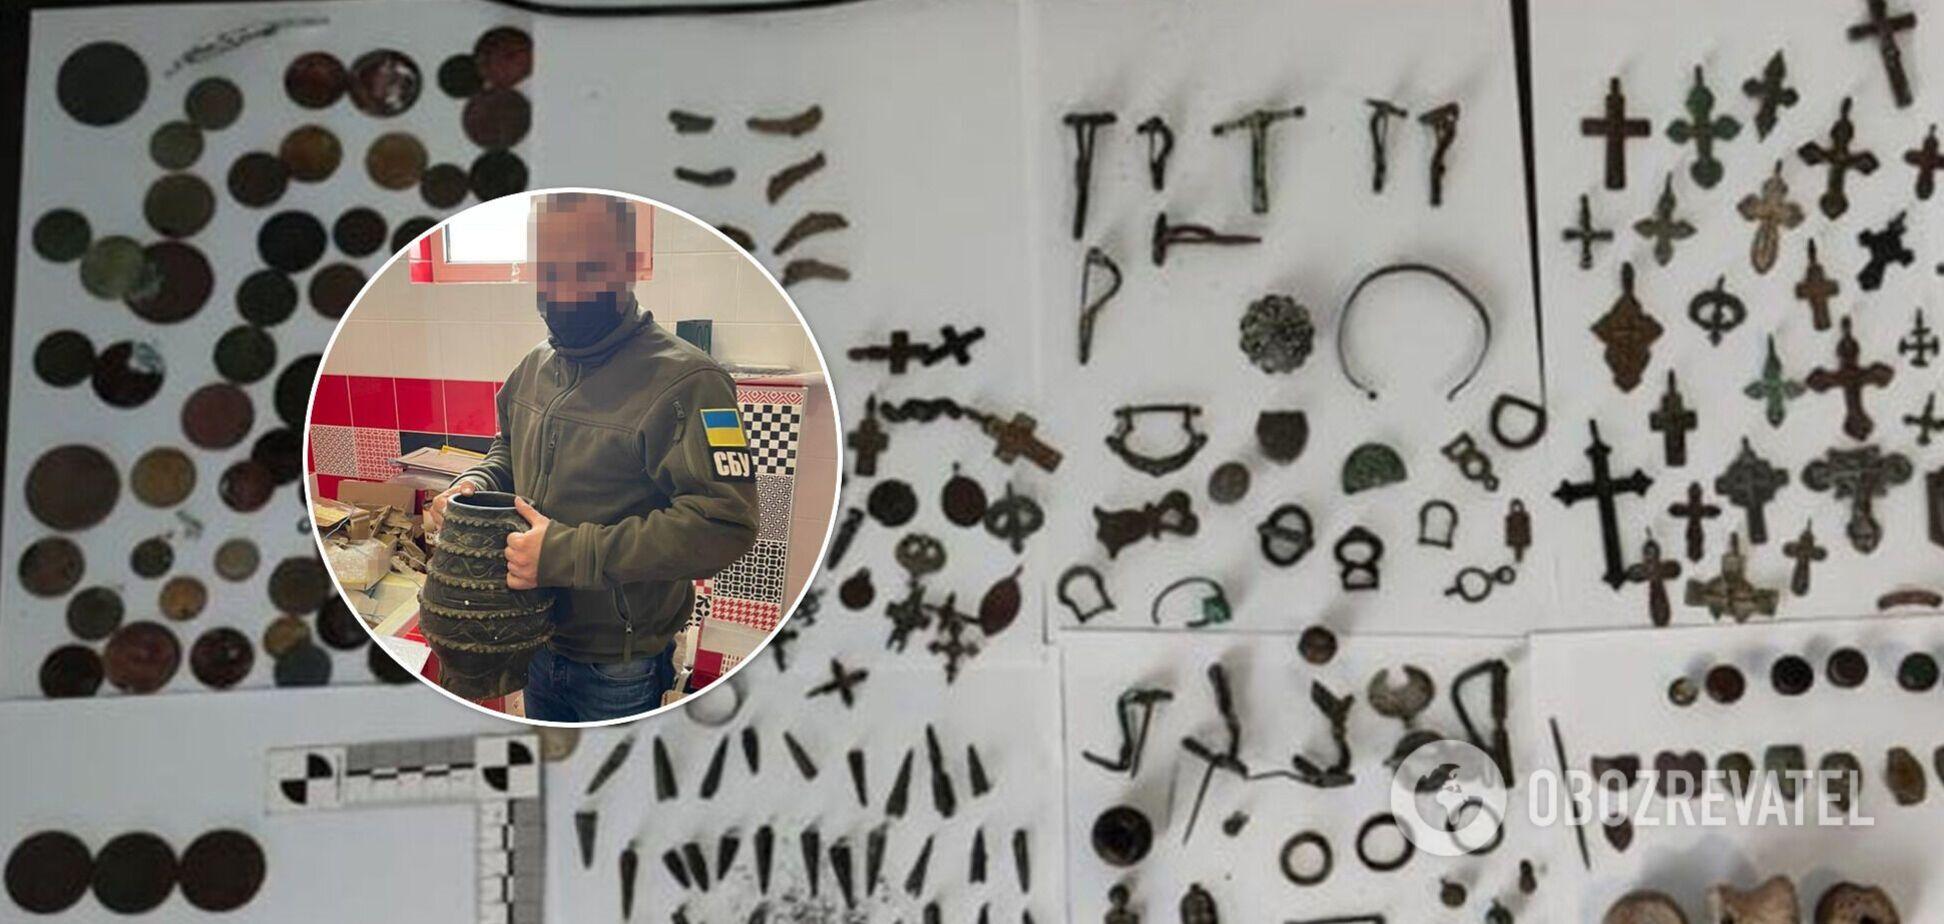 З України контрабандисти намагалися вивезти артефакти античності і часів Київської Русі. Фото